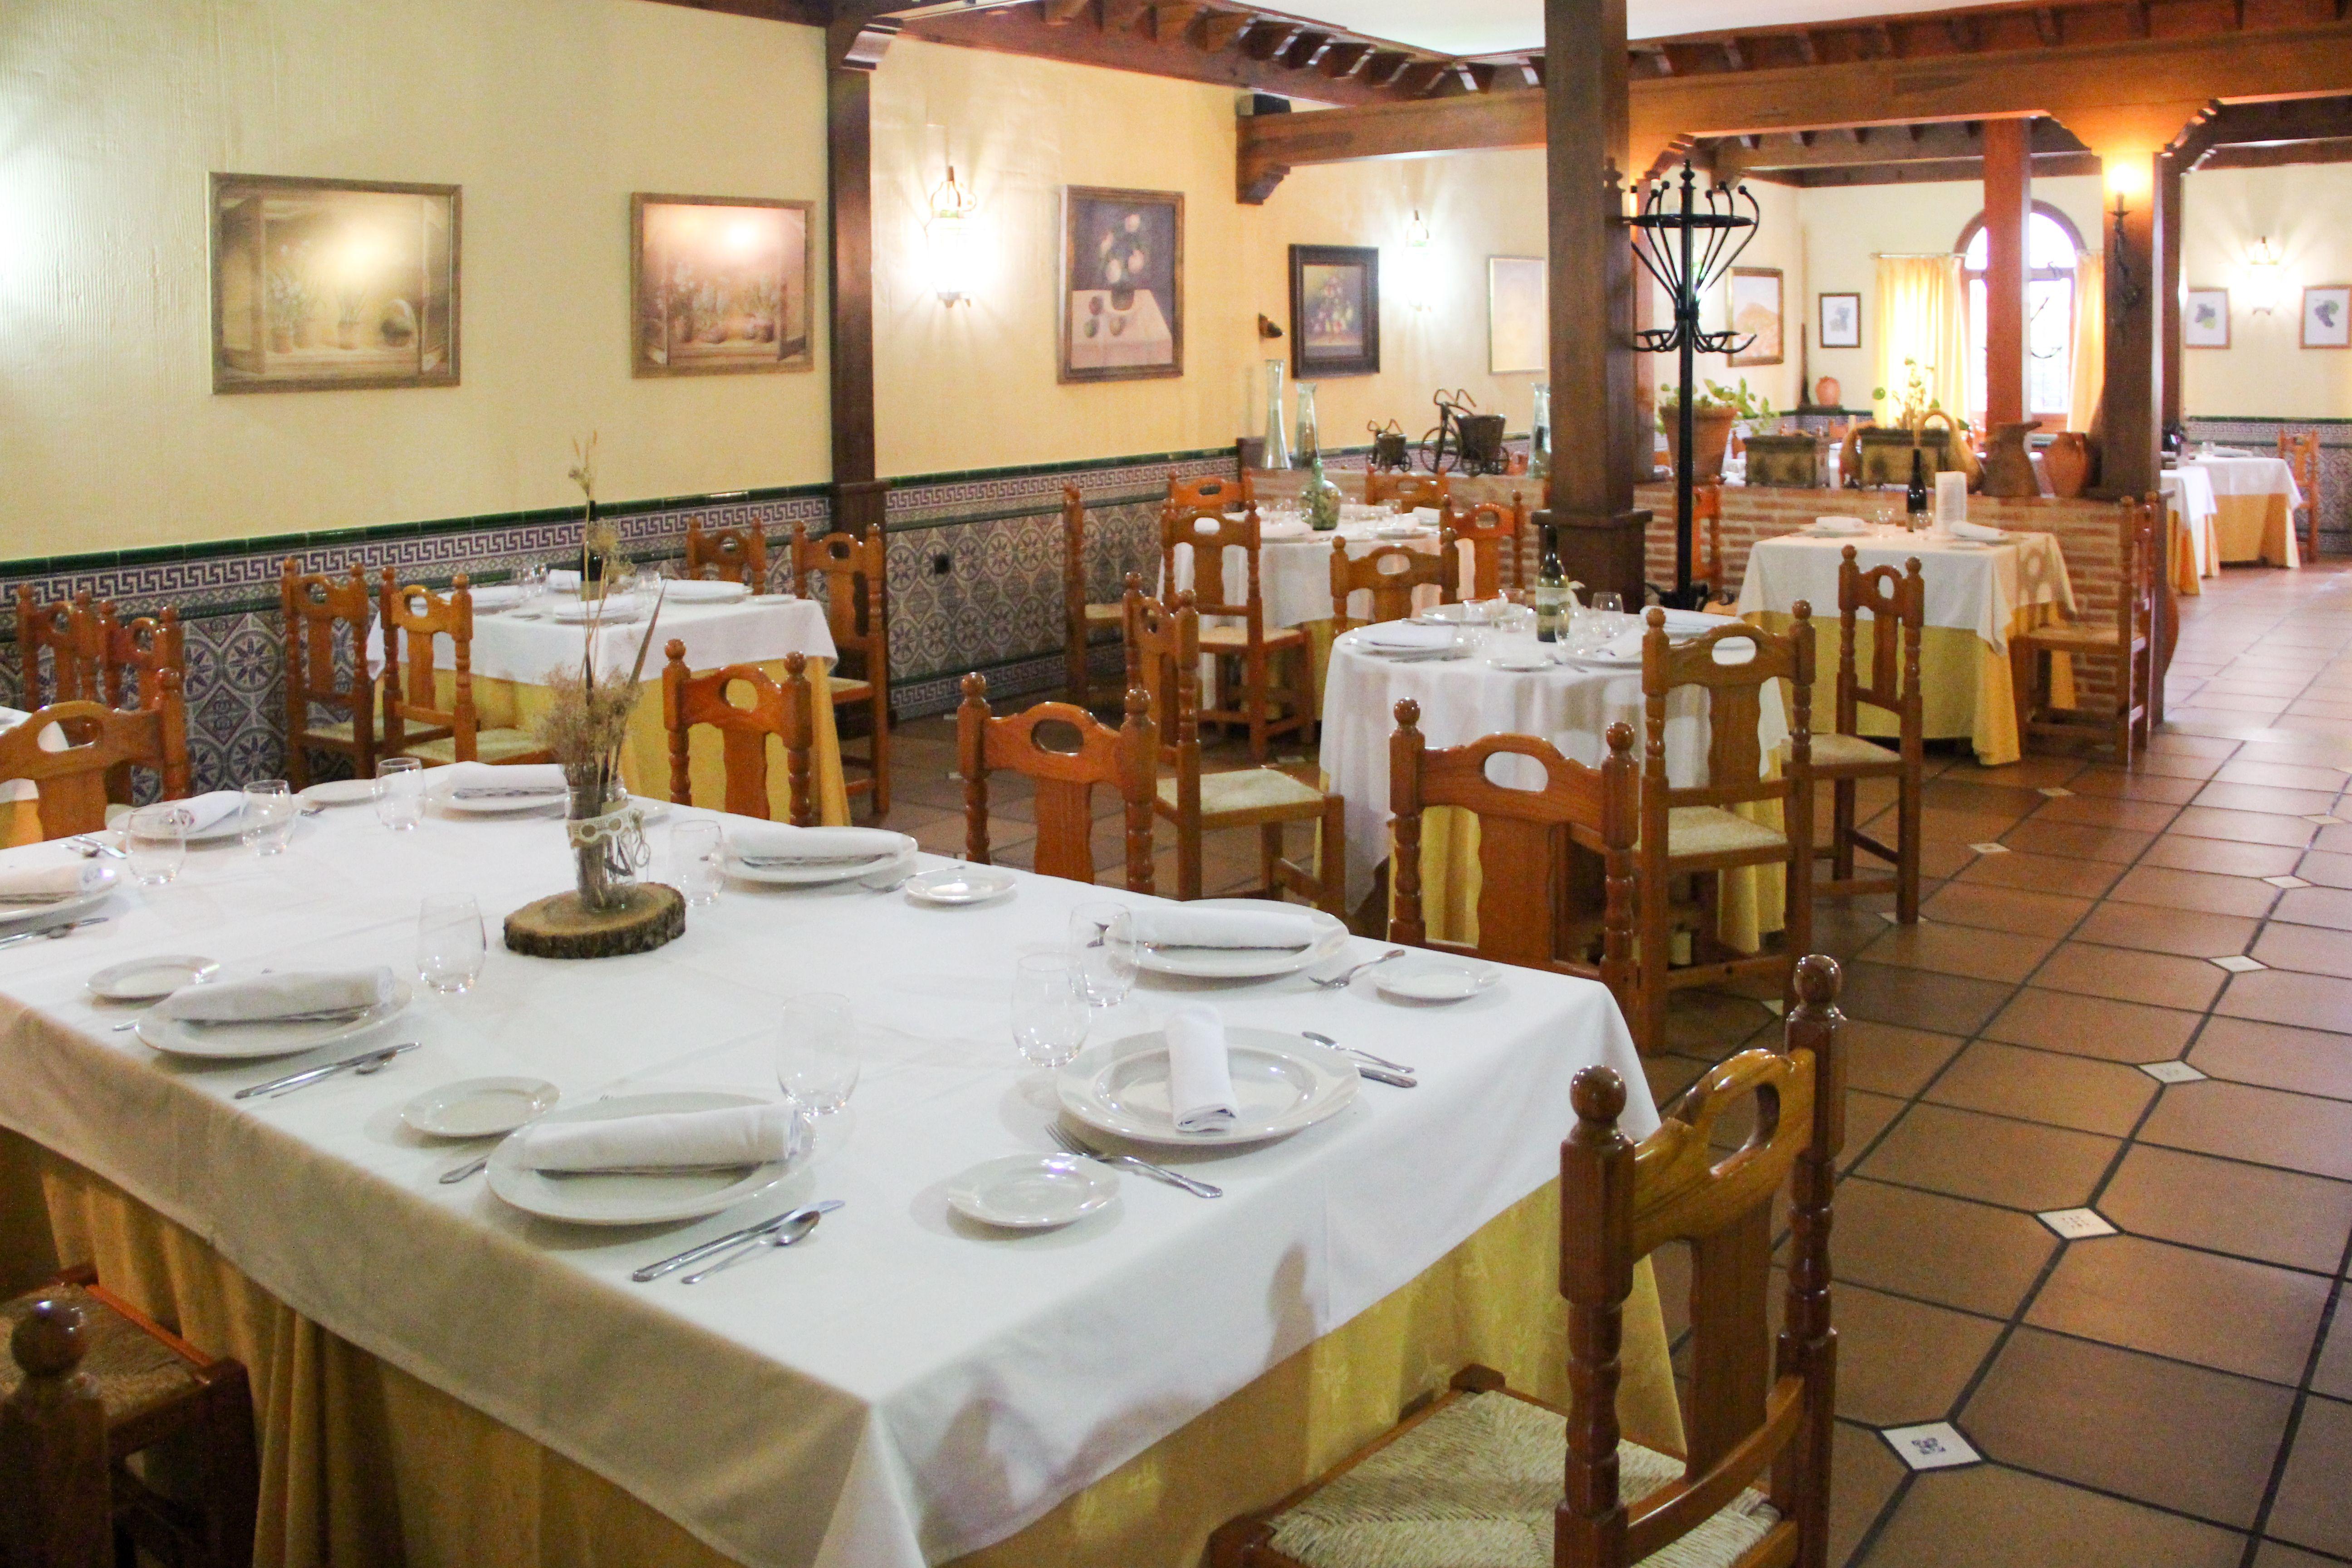 Salones del Restaurante Casa Parrilla en Toledo